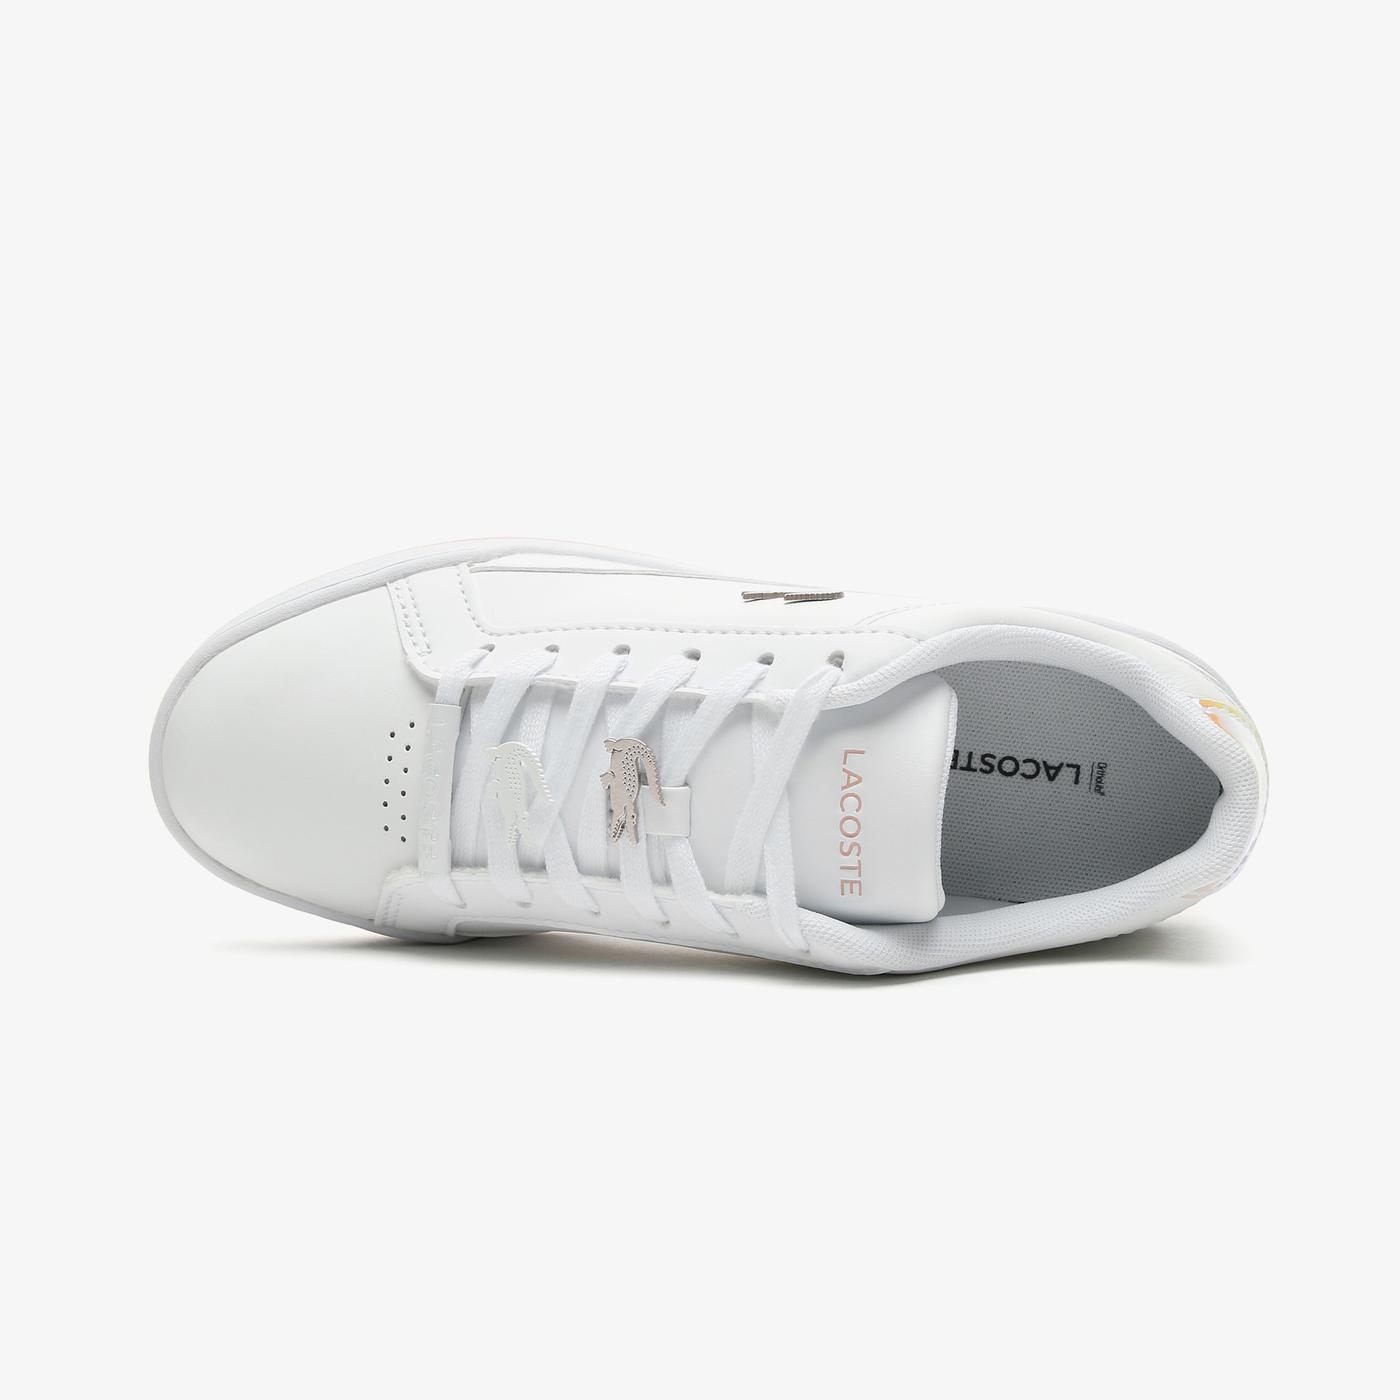 Lacoste Challenge 0921 1 Sfa Kadın Beyaz - Açık Pembe Spor Ayakkabı